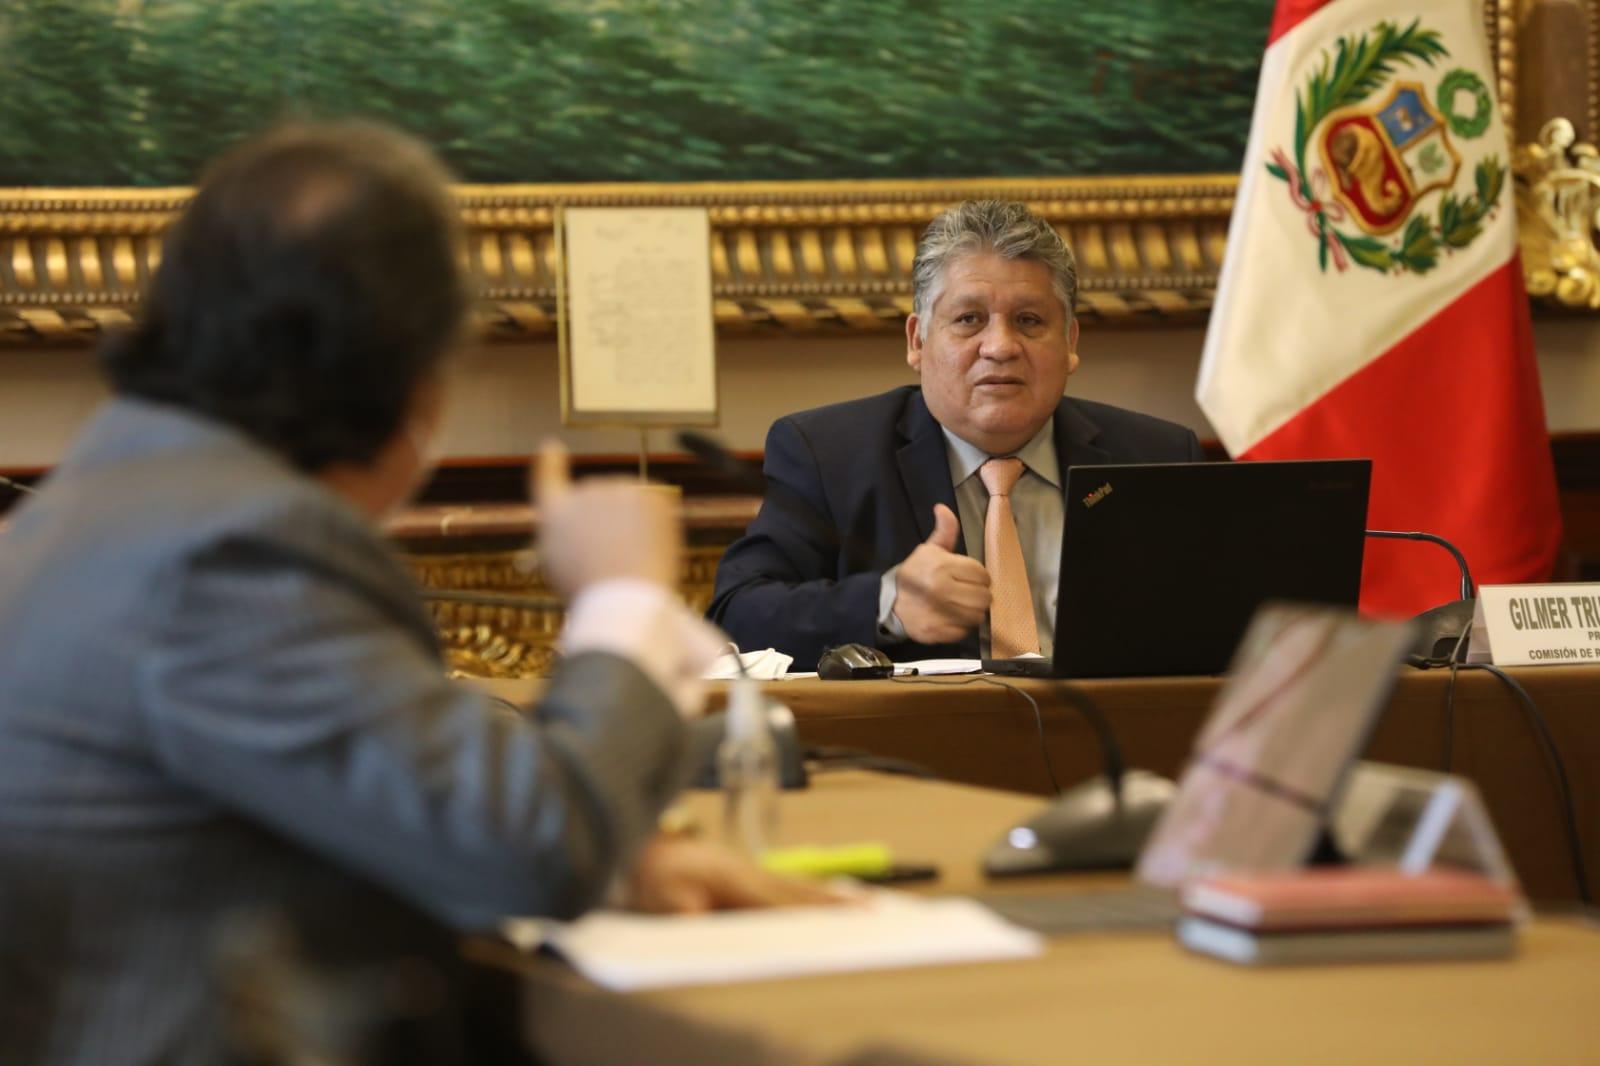 Comisión de Relaciones Exteriores del Congreso peruano archivó propuesta para ratificar Acuerdo de Escazú